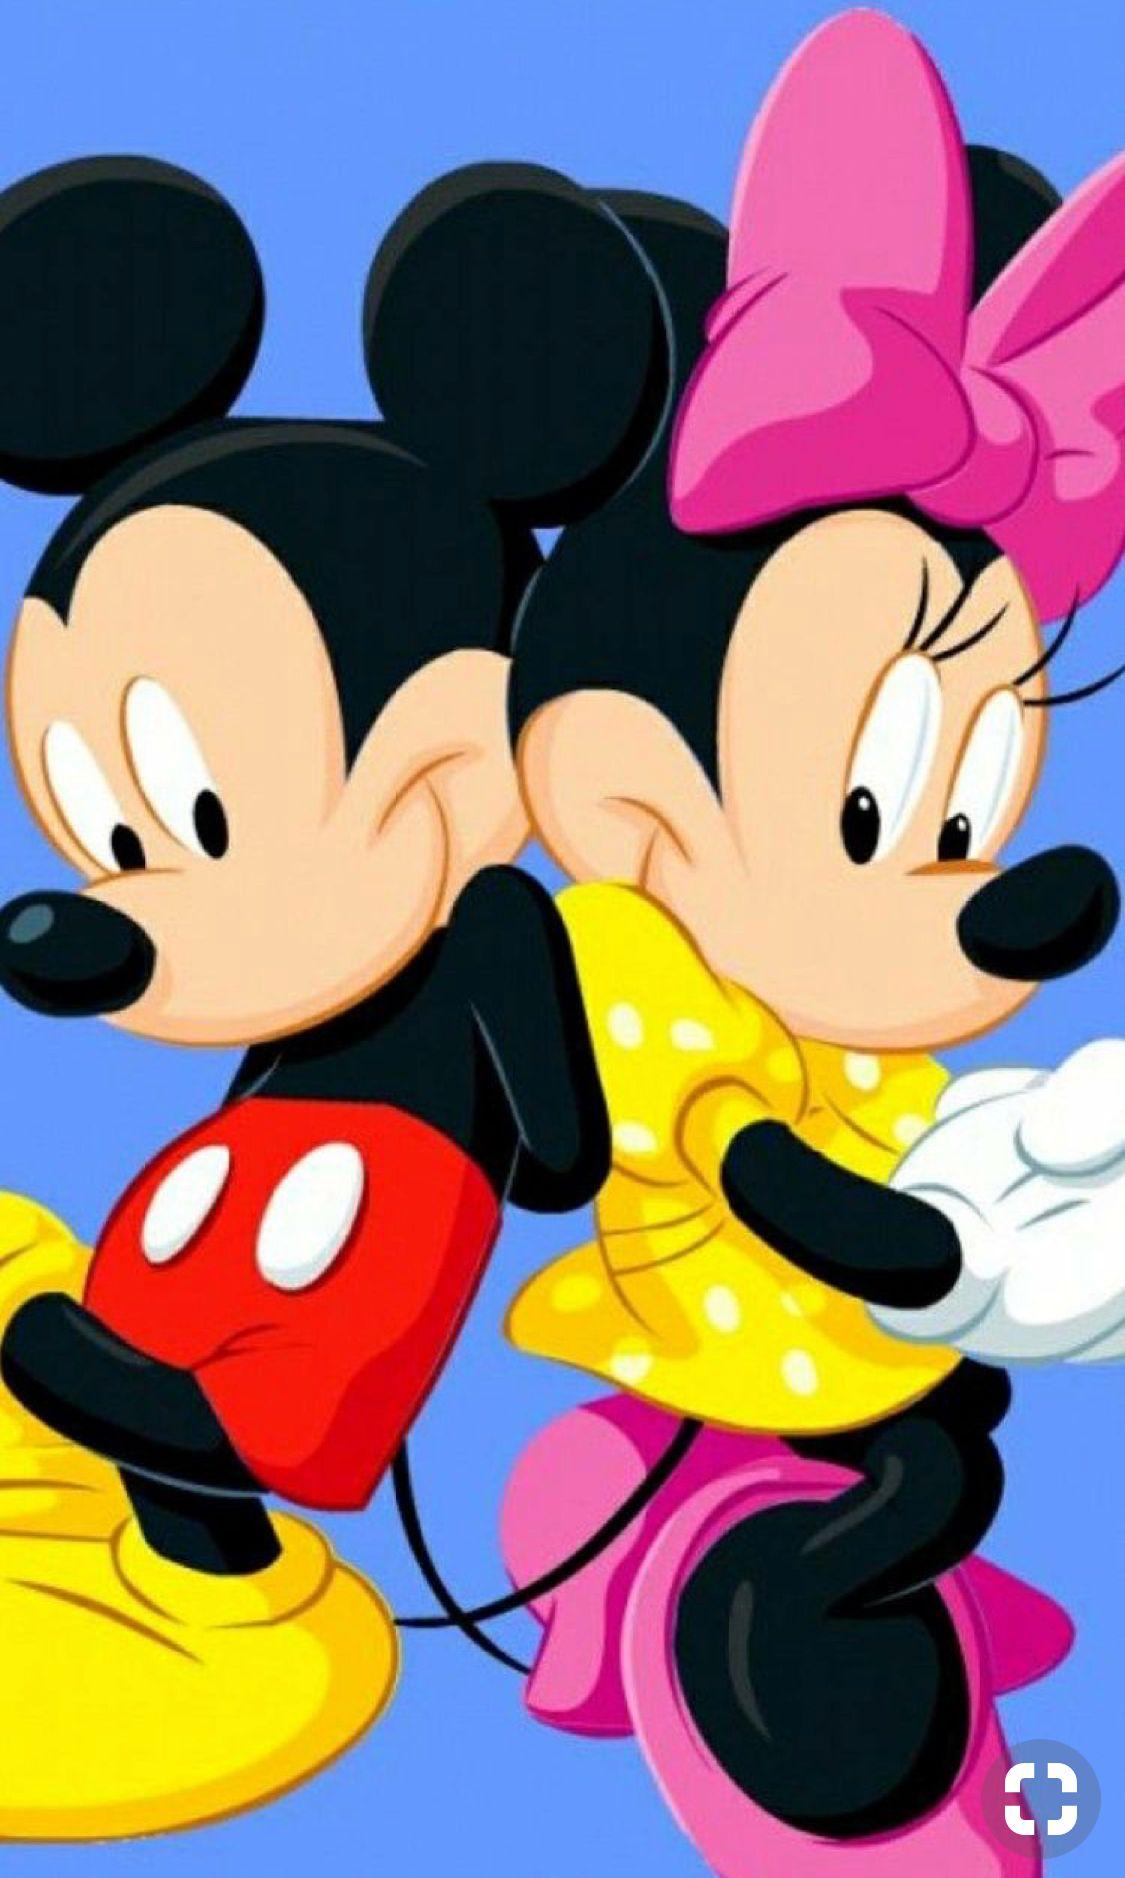 Minnie Mickey Imagenes Mickey Y Minnie Fondo De Mickey Mouse Imagenes De Mickey Bebe